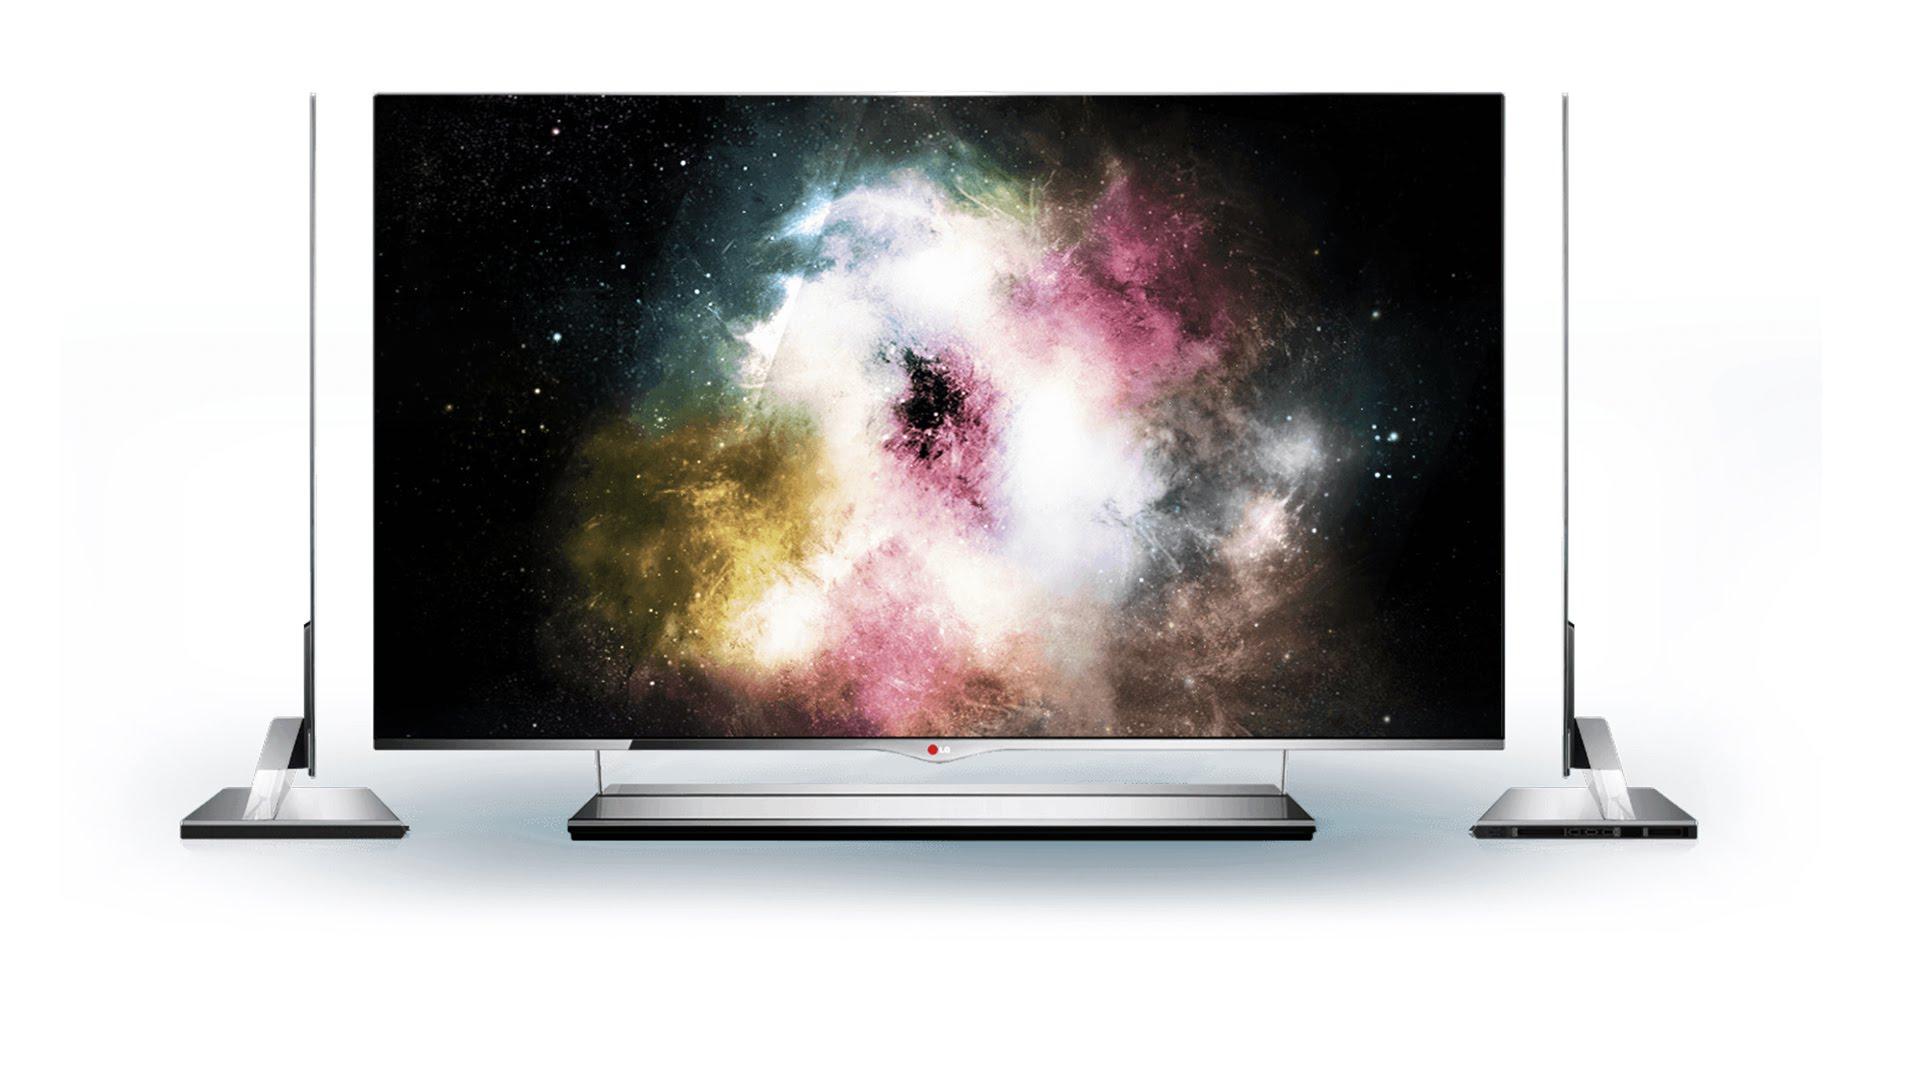 faut il acheter une tv oled ou pr f rer une tv led moins ch re. Black Bedroom Furniture Sets. Home Design Ideas